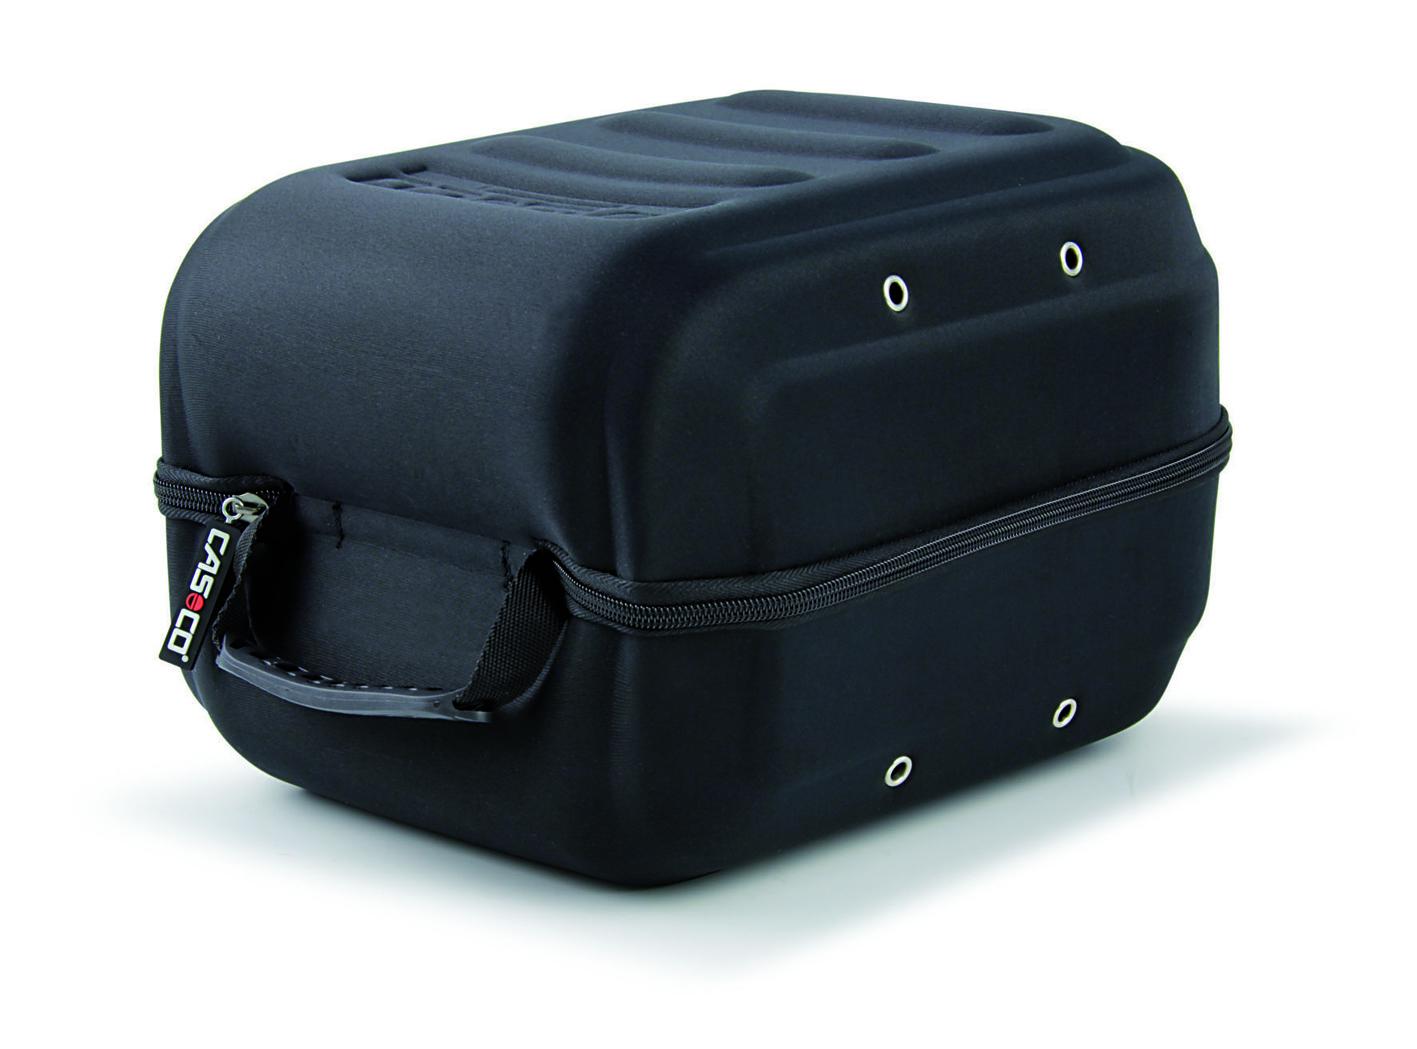 Casco_Helmetbox